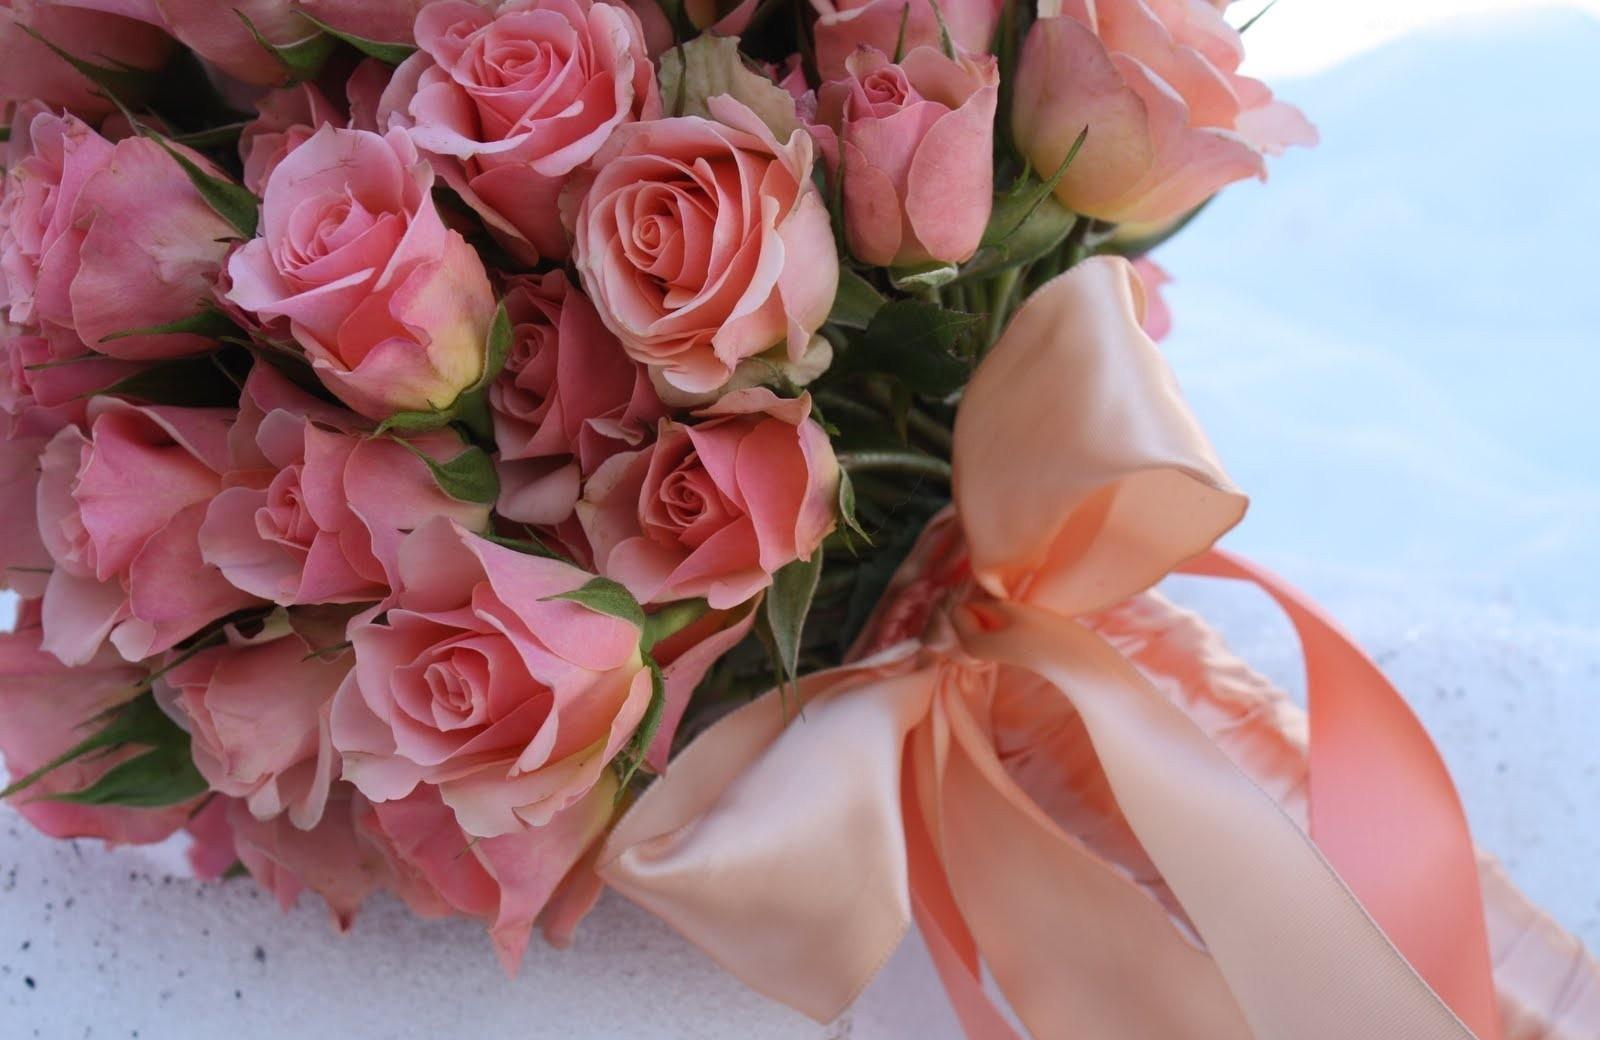 Букет роз фото высокого качества, цветов